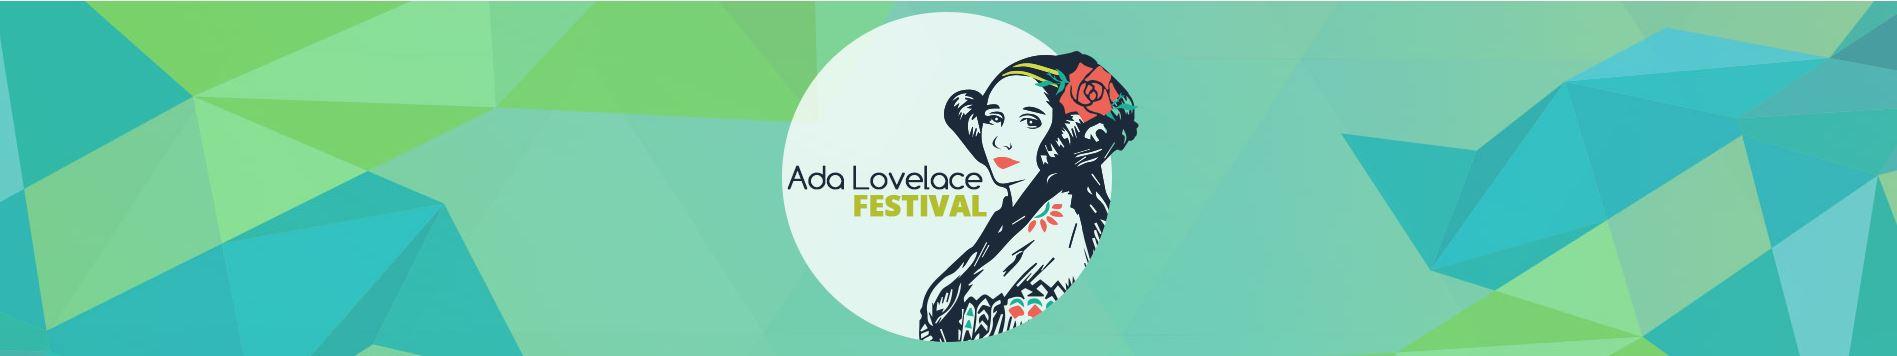 Ada Lovelace Festival 2016